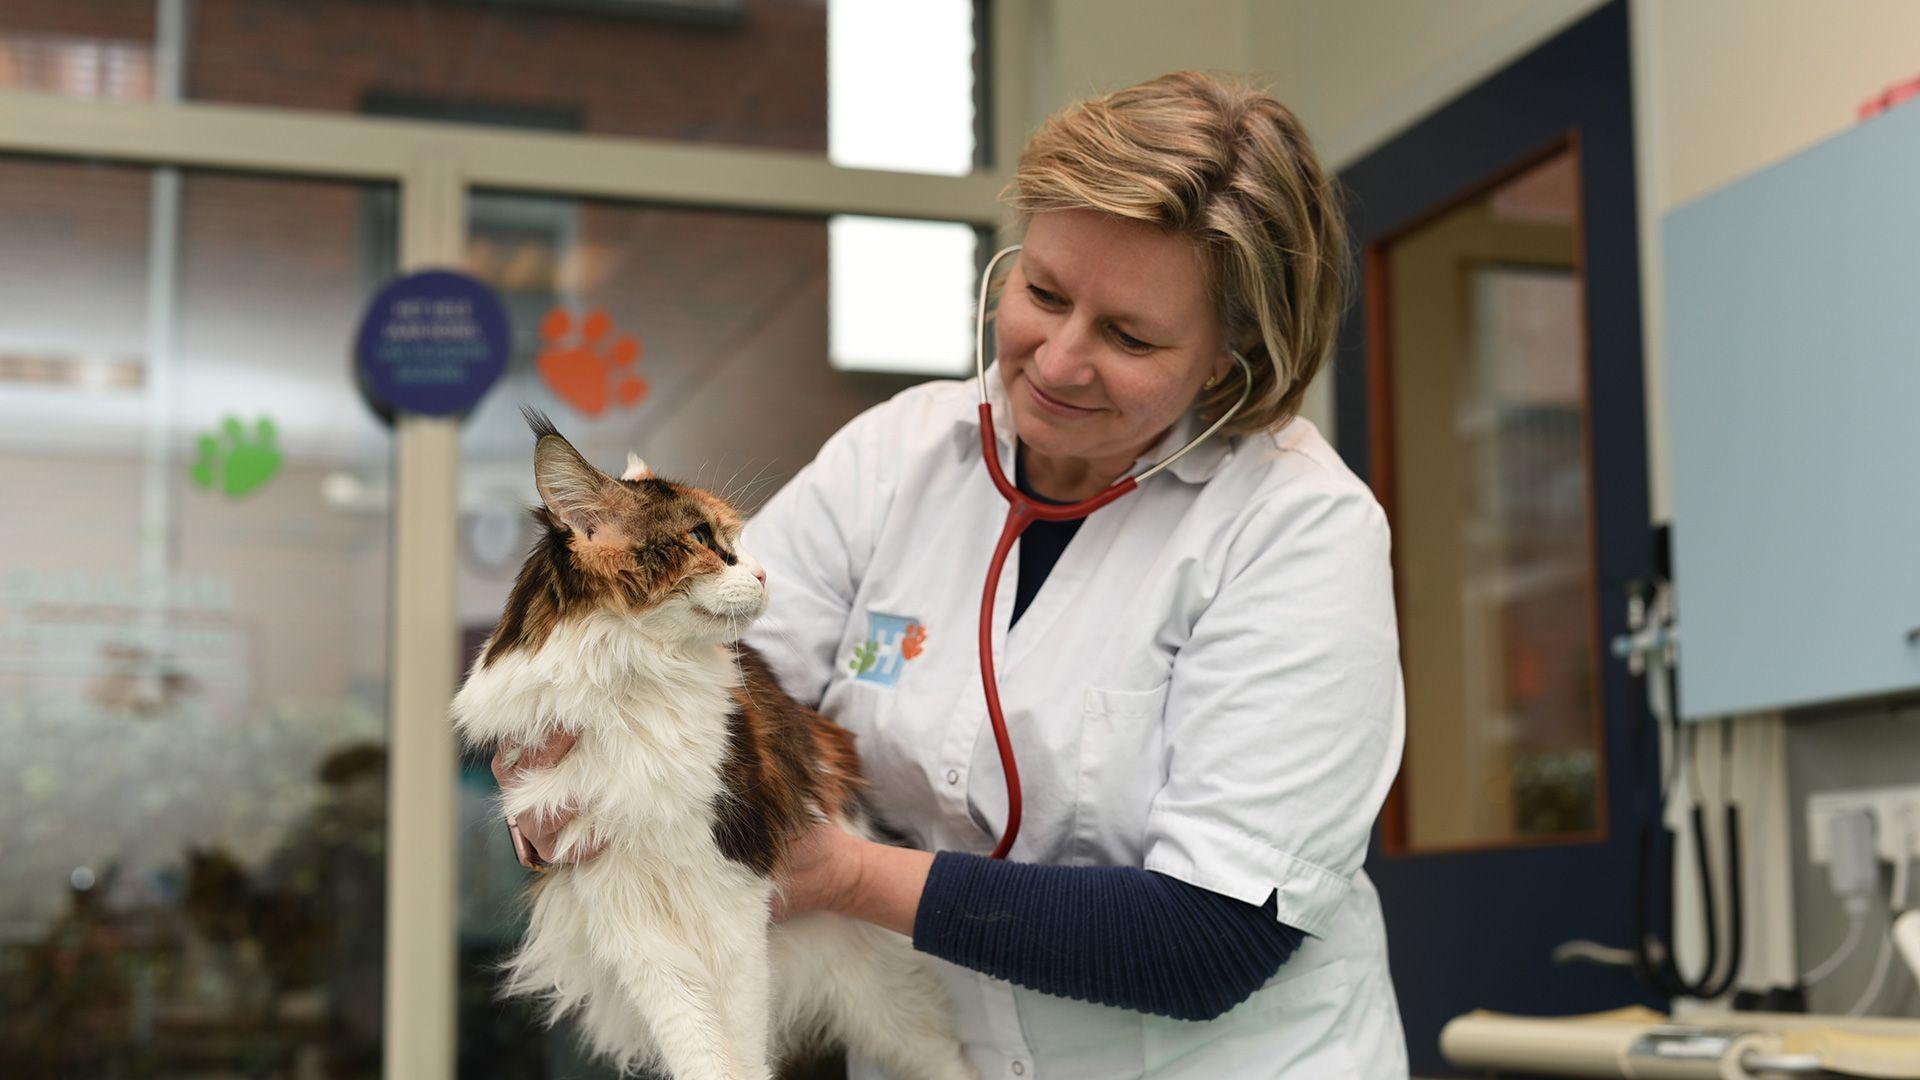 DierenDokters dierenarts dierenkliniek